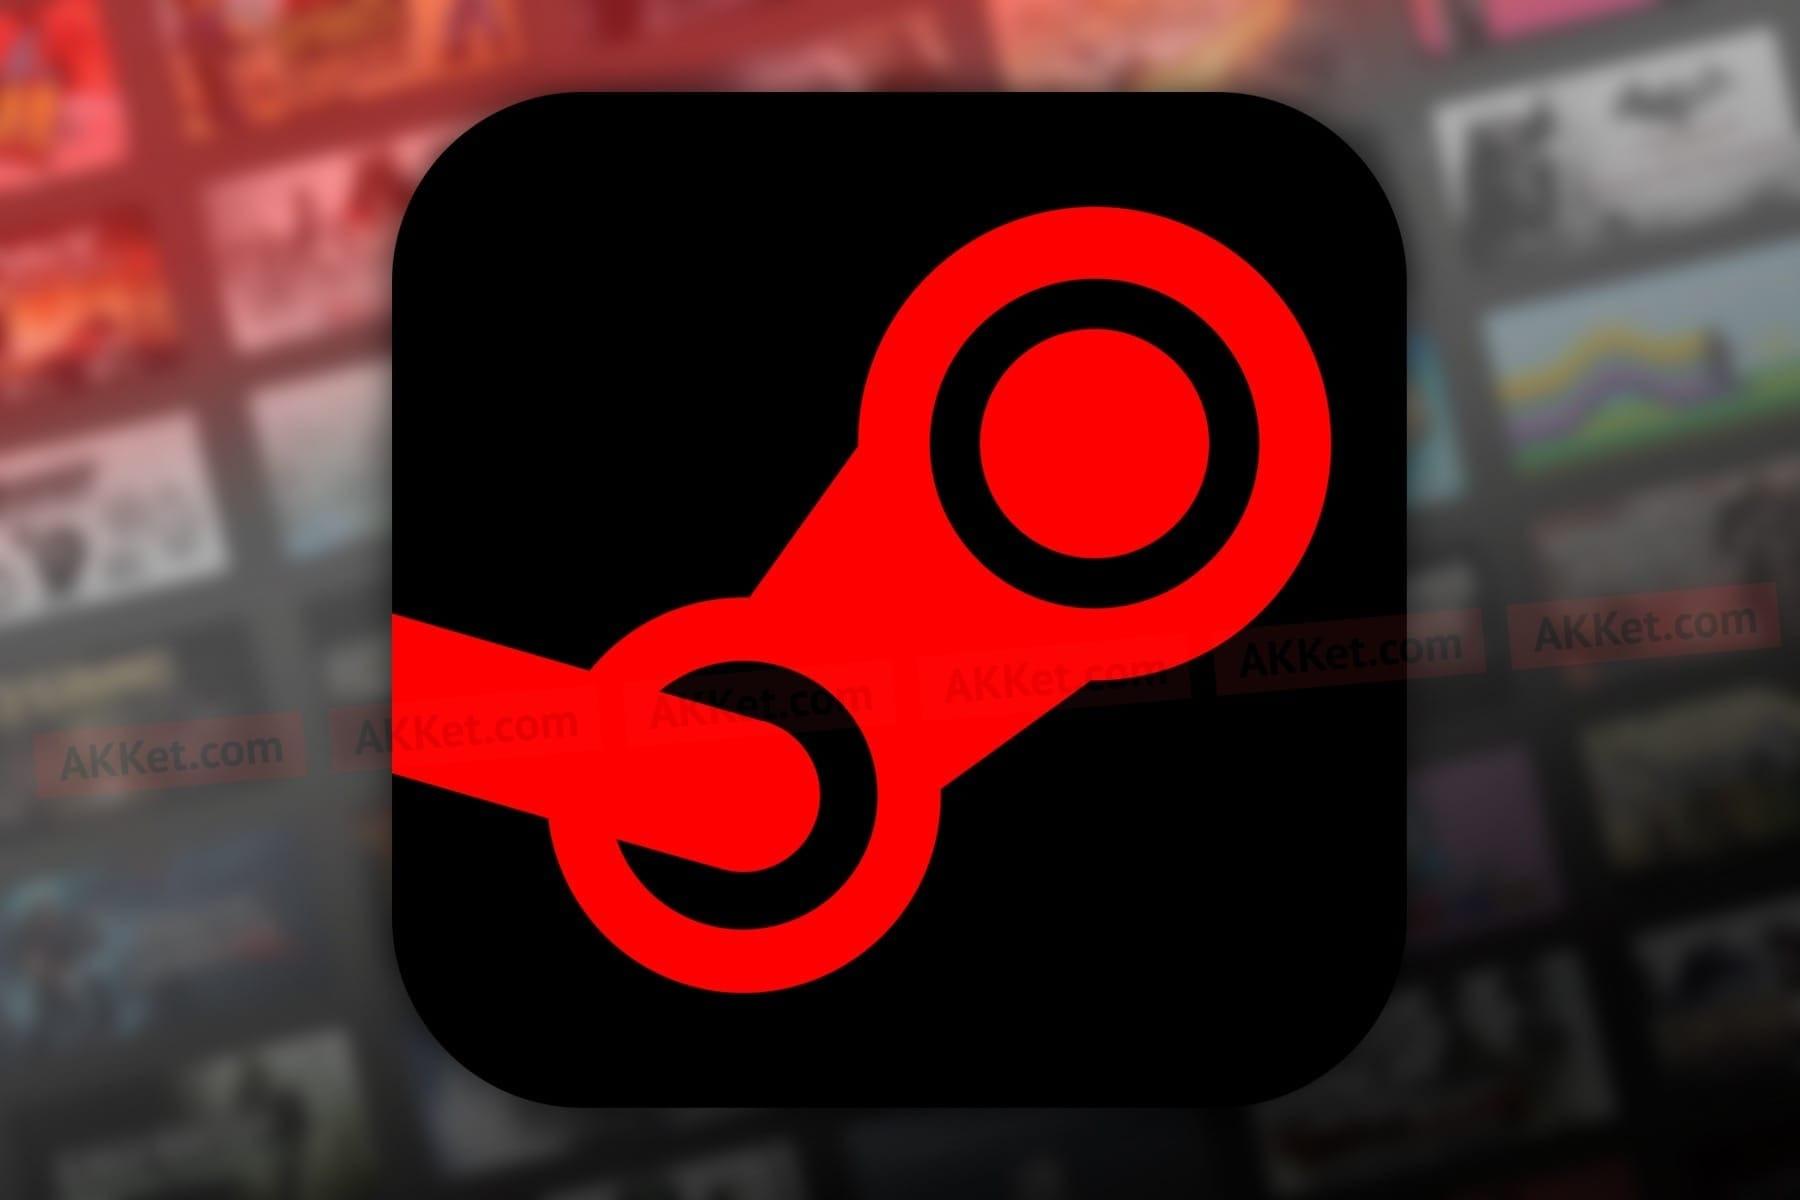 Steam запустил крупную февральскую акцию распродажи сбольшими скидками на известные игры